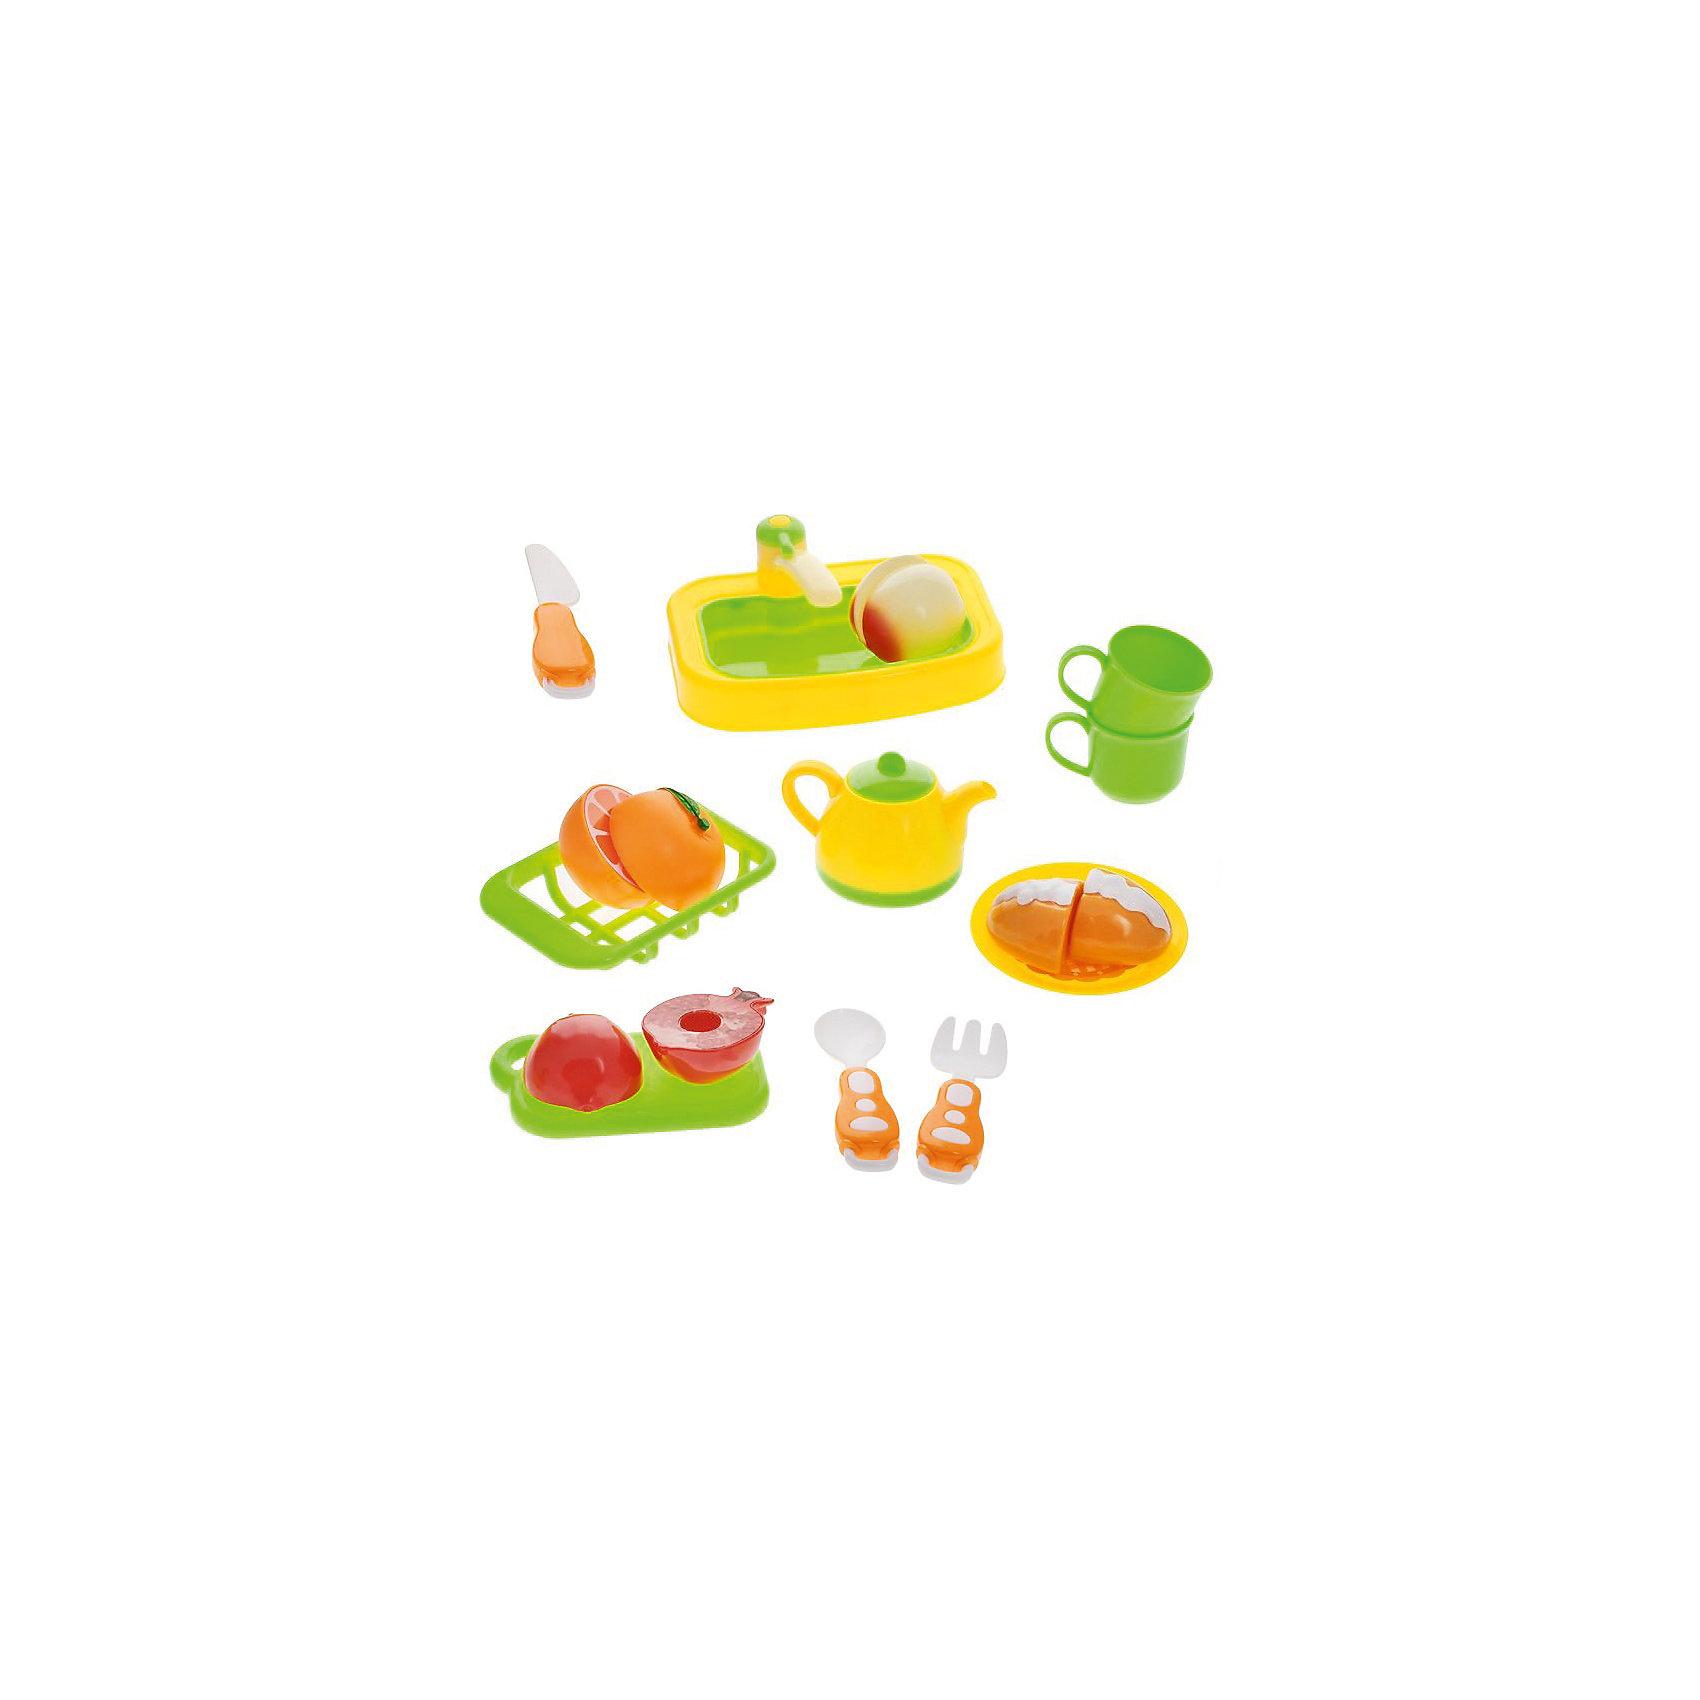 Набор посуды для кухни с продуктами, 18 предм., Помогаю маме, ABtoysПосуда и аксессуары для детской кухни<br>Набор посуды для кухни с продуктами, 18 предм., Помогаю маме, ABtoys (АБтойс) – набор поможет девочке освоить навыки хорошей хозяйки.<br>С этим игровым набором ваша девочка узнает не только правила работы с ножом, но и выучит цвета и формы различных видов продуктов, научится навыкам сервировки и почувствует себя настоящей маминой помощницей. В комплект входит пластиковая посуда, а также муляжи продуктов (две половинки игрушек соединены липучкой), которые можно разрезать на части при помощи пластикового ножа. В процессе игры у ребенка тренируется усидчивость и мелкая моторика.<br><br>Дополнительная информация:<br><br>- В наборе 18 предметов: посуда, разделочная доска, столовые приборы, раковина с краном, муляжи продуктов<br>- Материал: пластик<br>- Размер упаковки: 43,5x30x8,2см.<br>- Вес: 458 гр.<br><br>Набор посуды для кухни с продуктами, 18 предм., Помогаю маме, ABtoys (АБтойс) можно купить в нашем интернет-магазине.<br><br>Ширина мм: 435<br>Глубина мм: 300<br>Высота мм: 82<br>Вес г: 458<br>Возраст от месяцев: 36<br>Возраст до месяцев: 84<br>Пол: Женский<br>Возраст: Детский<br>SKU: 4622664